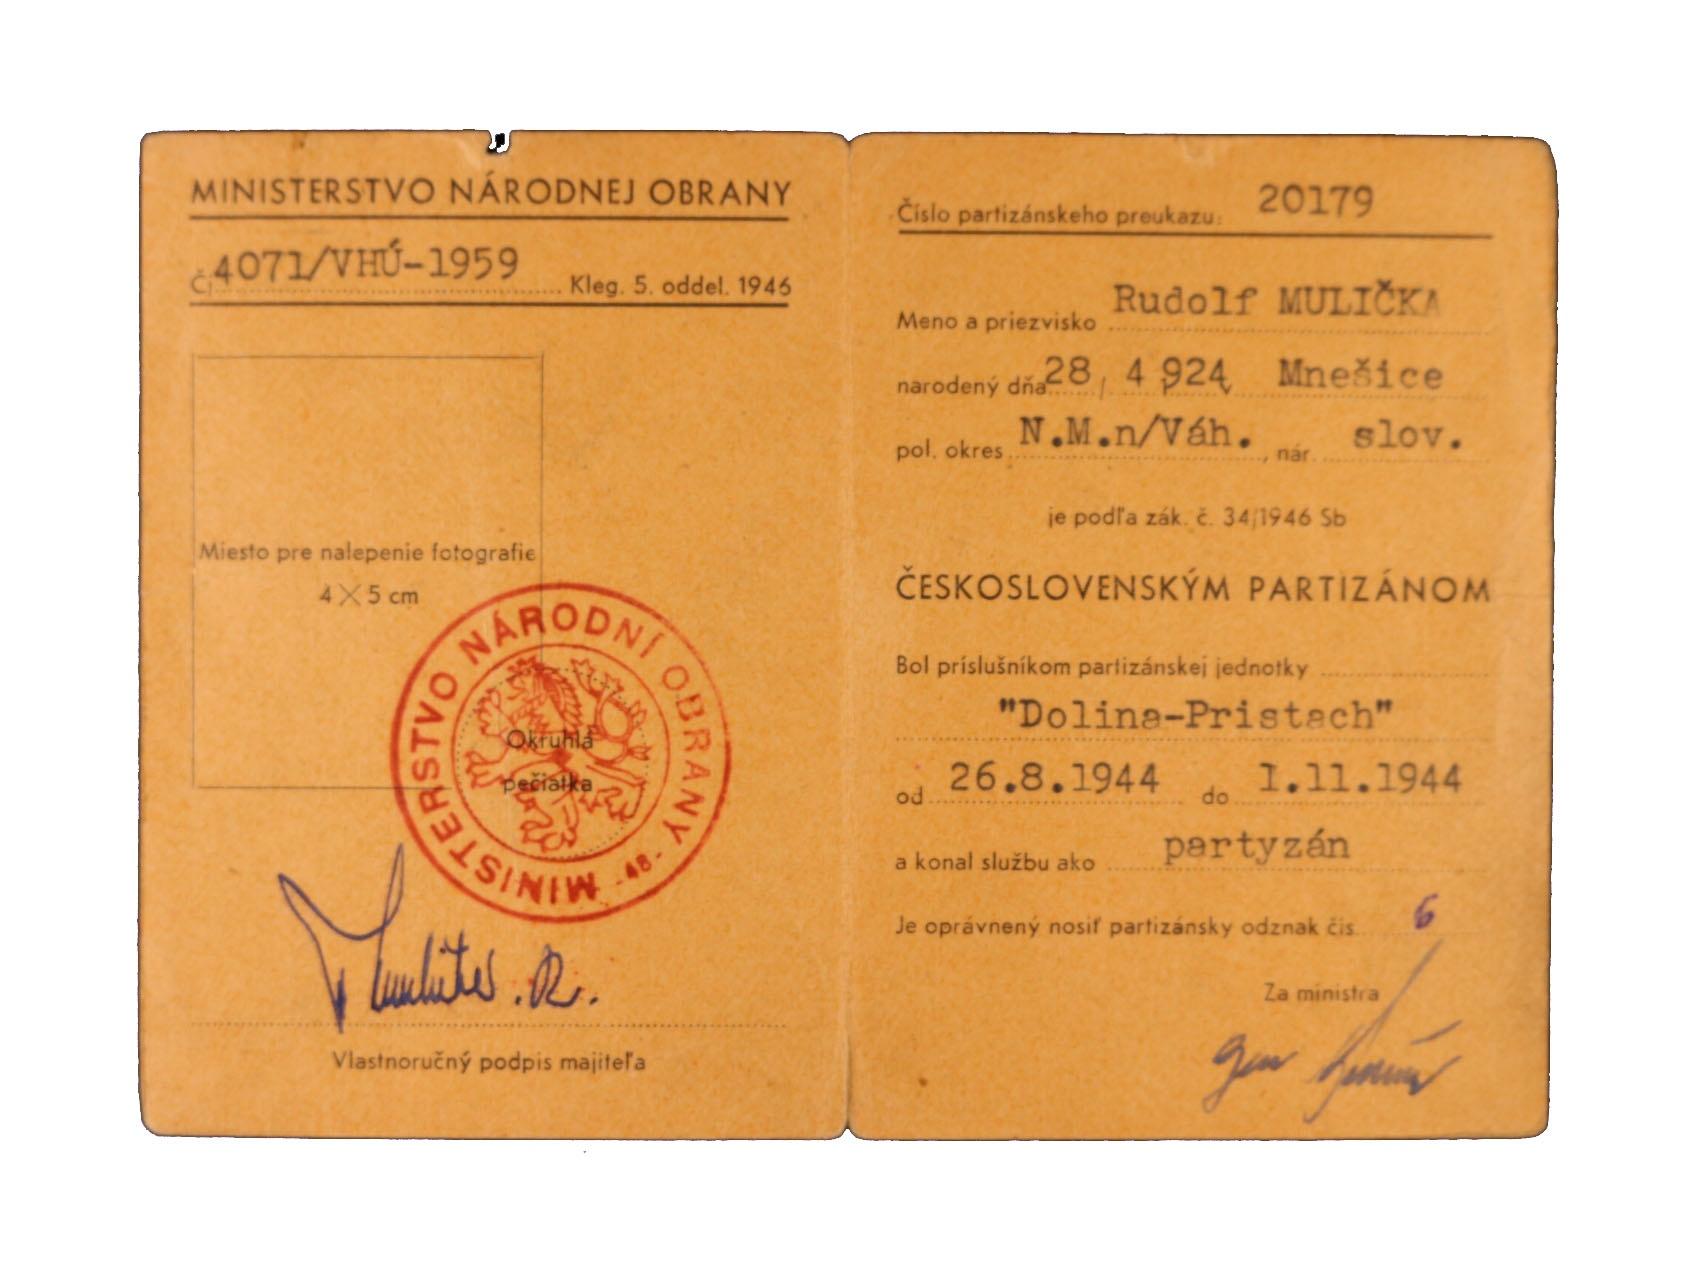 Partyzánský průkaz na jméno R. Mulička